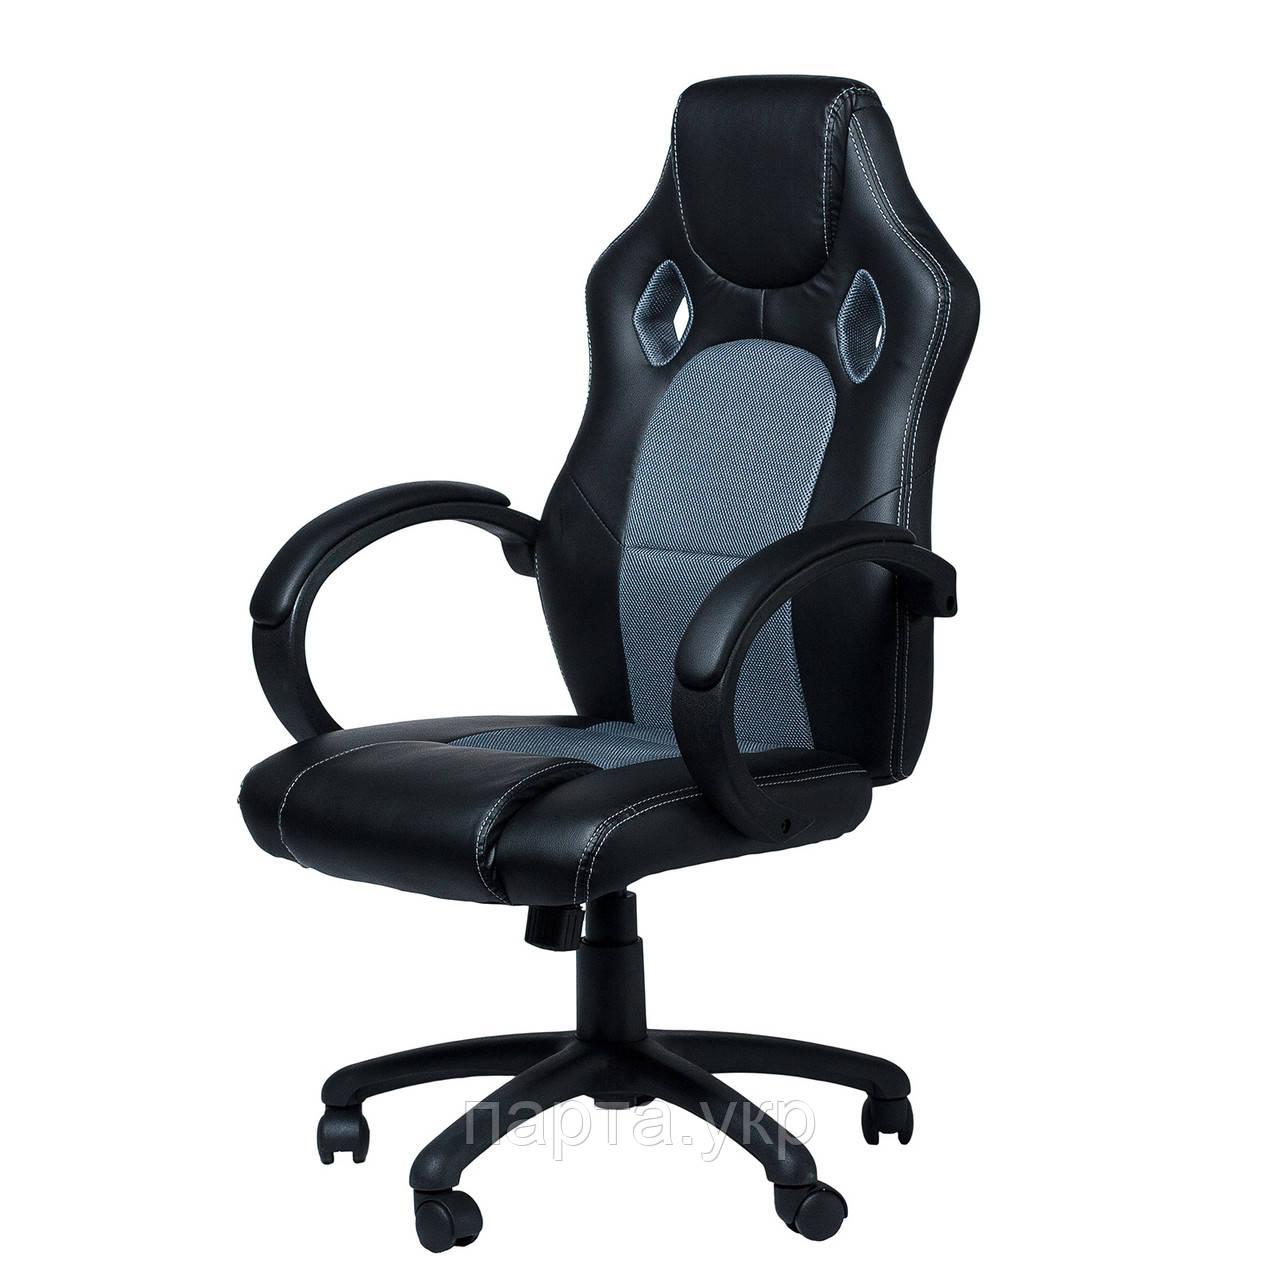 Геймеровское кресло Daytona,3 цвета